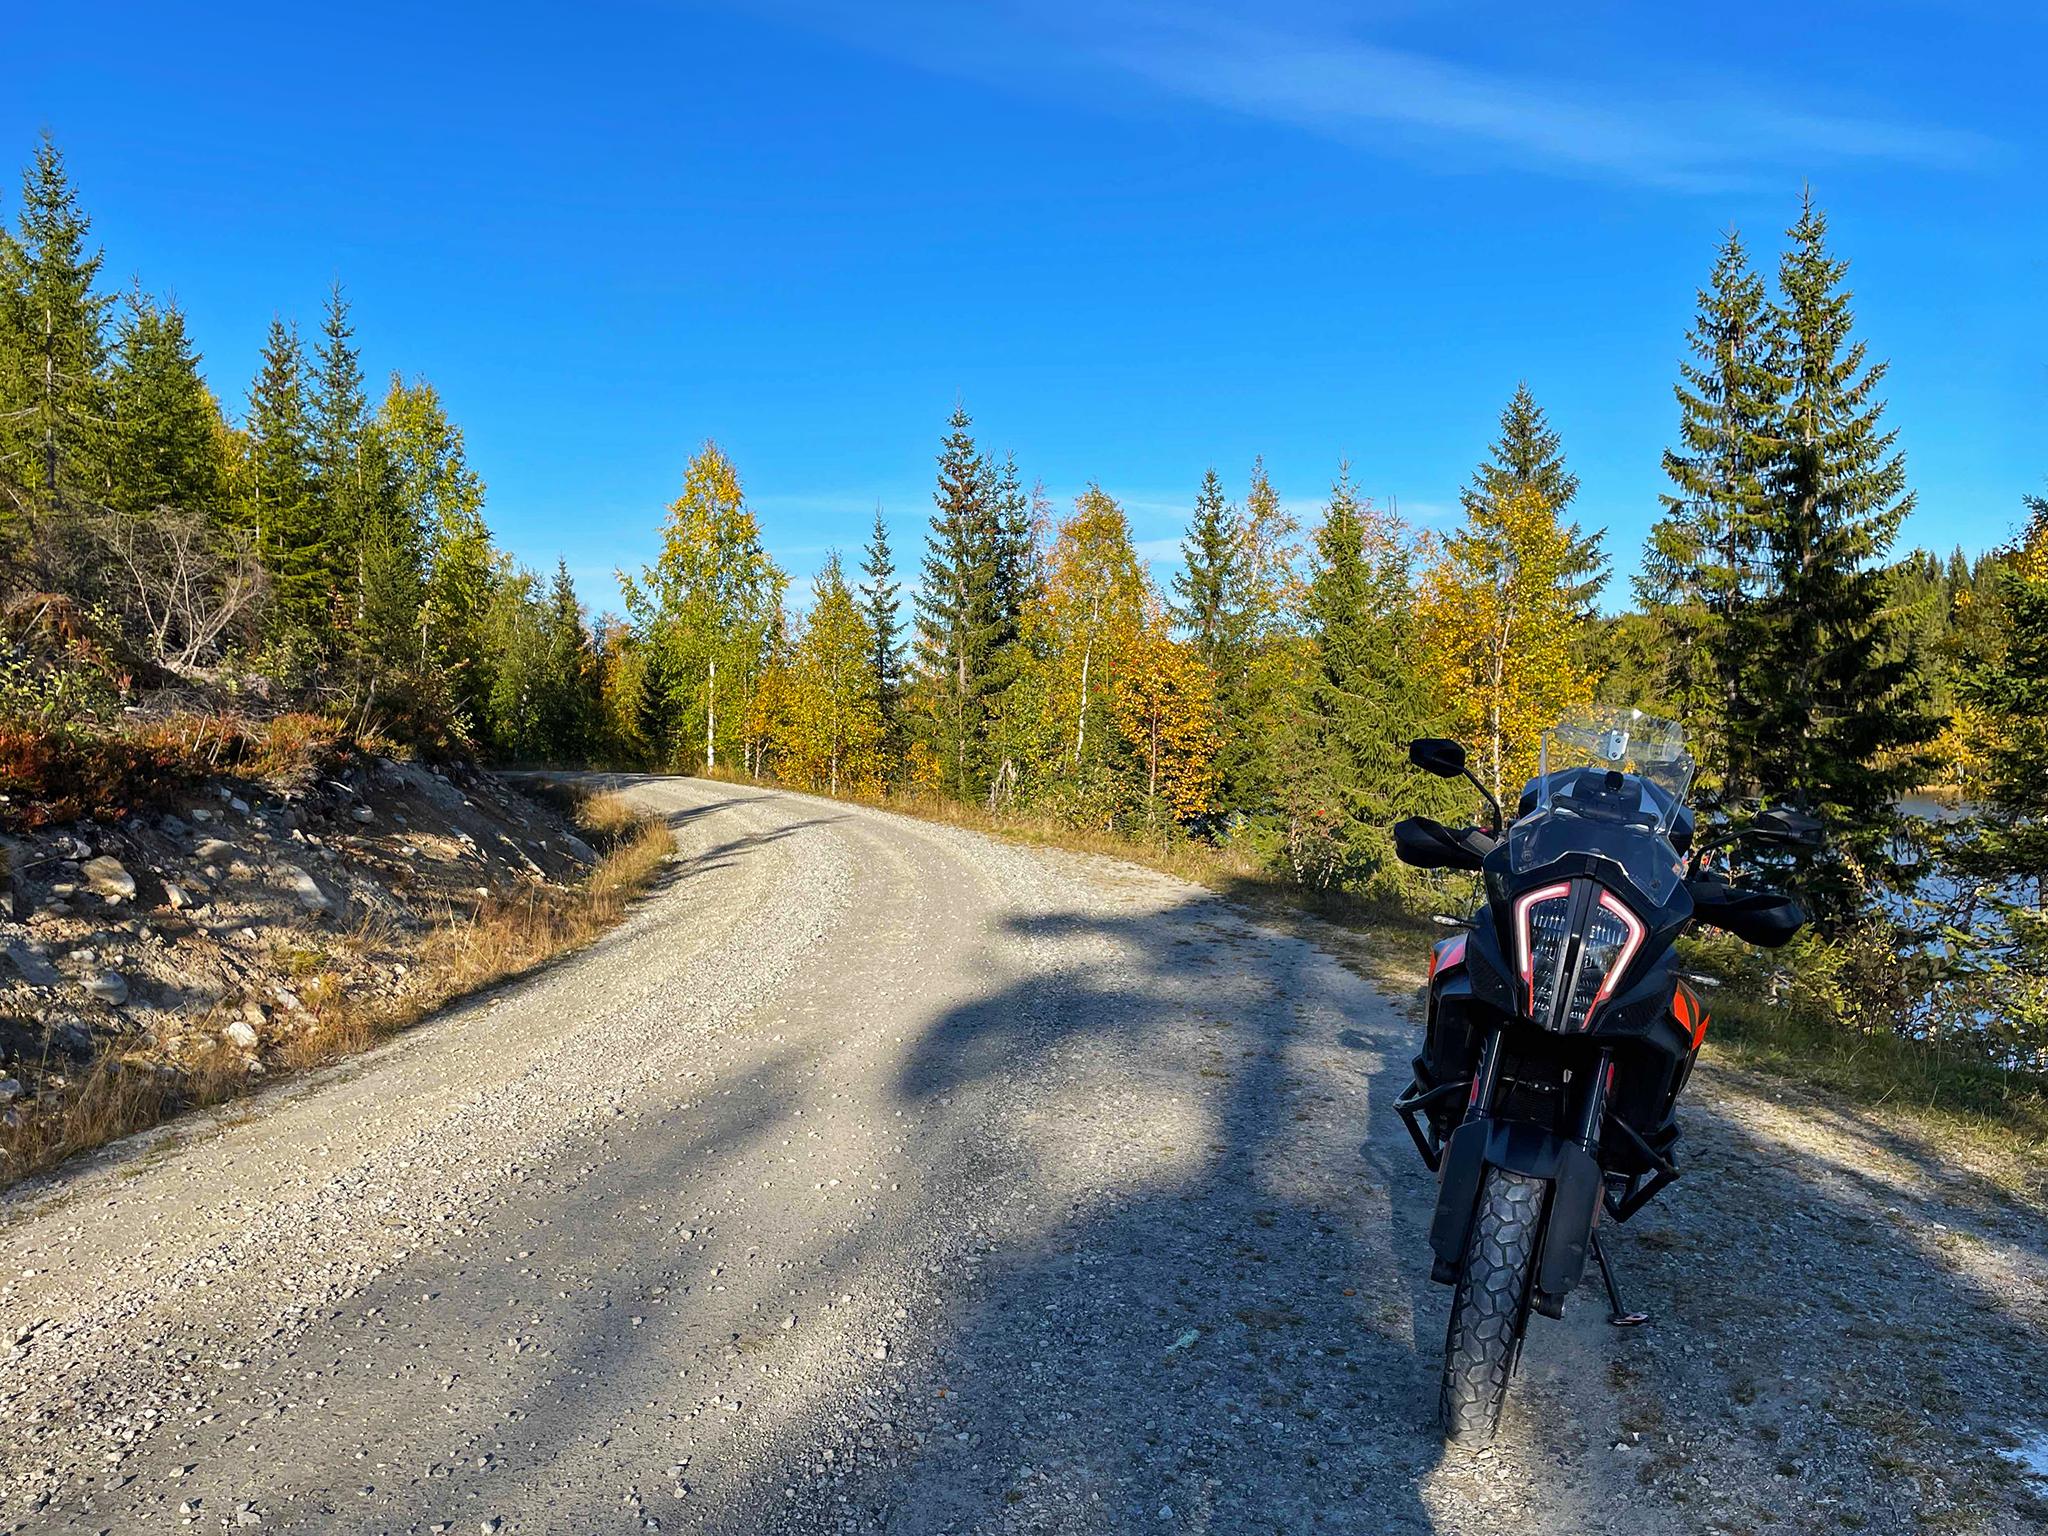 Norwegian Wood, late September